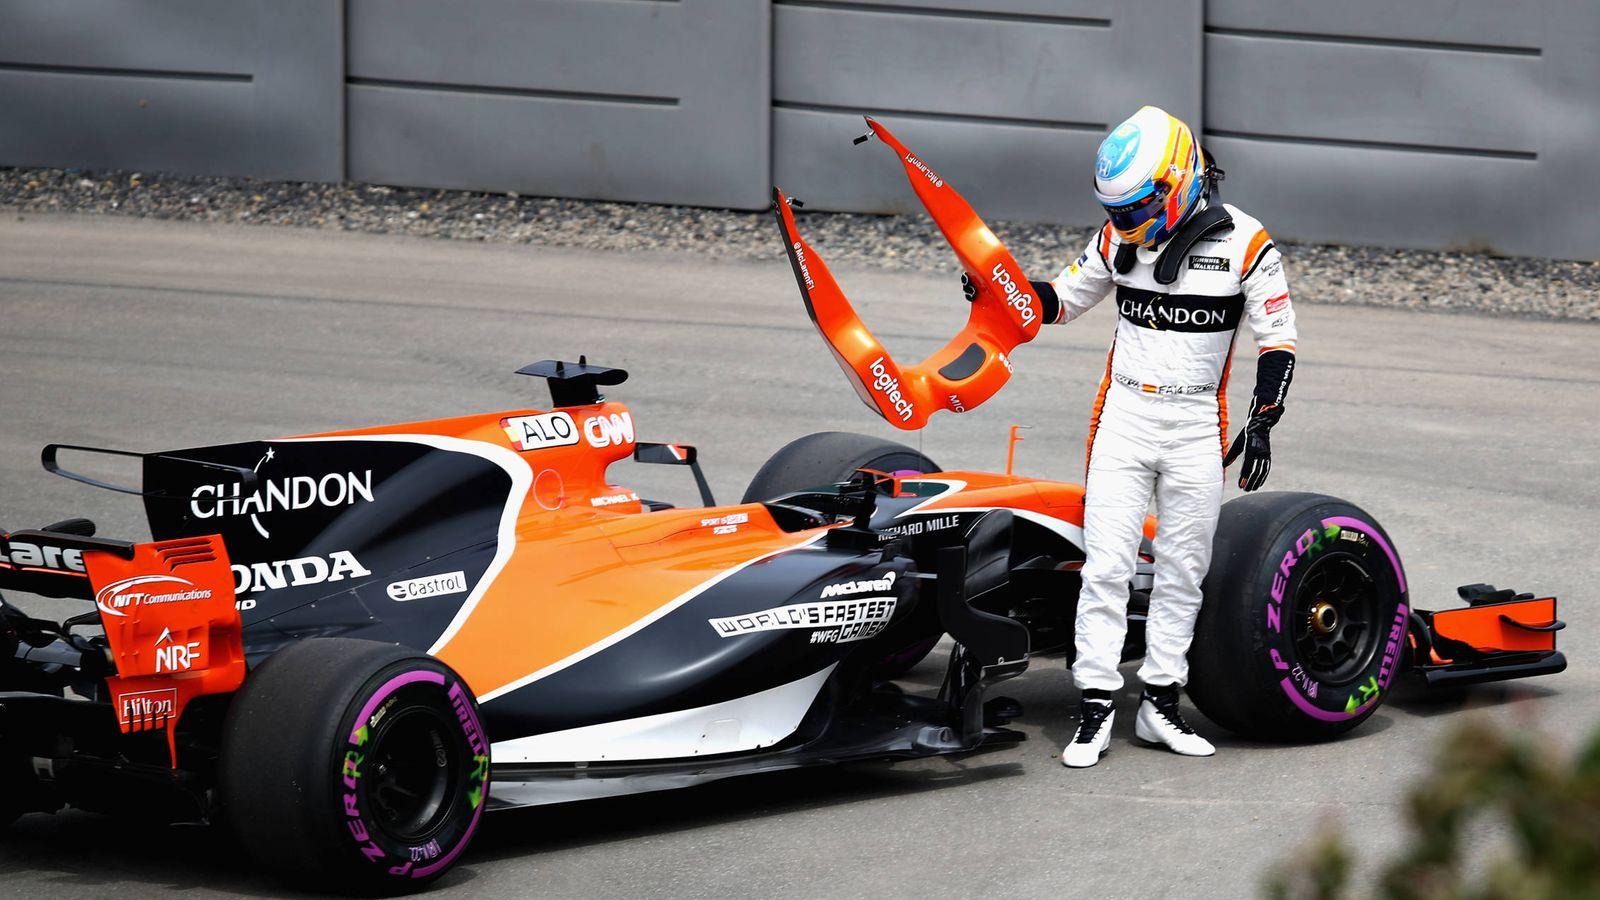 Foto: Fernando Alonso se baja del coche en Montreal. (AFP)